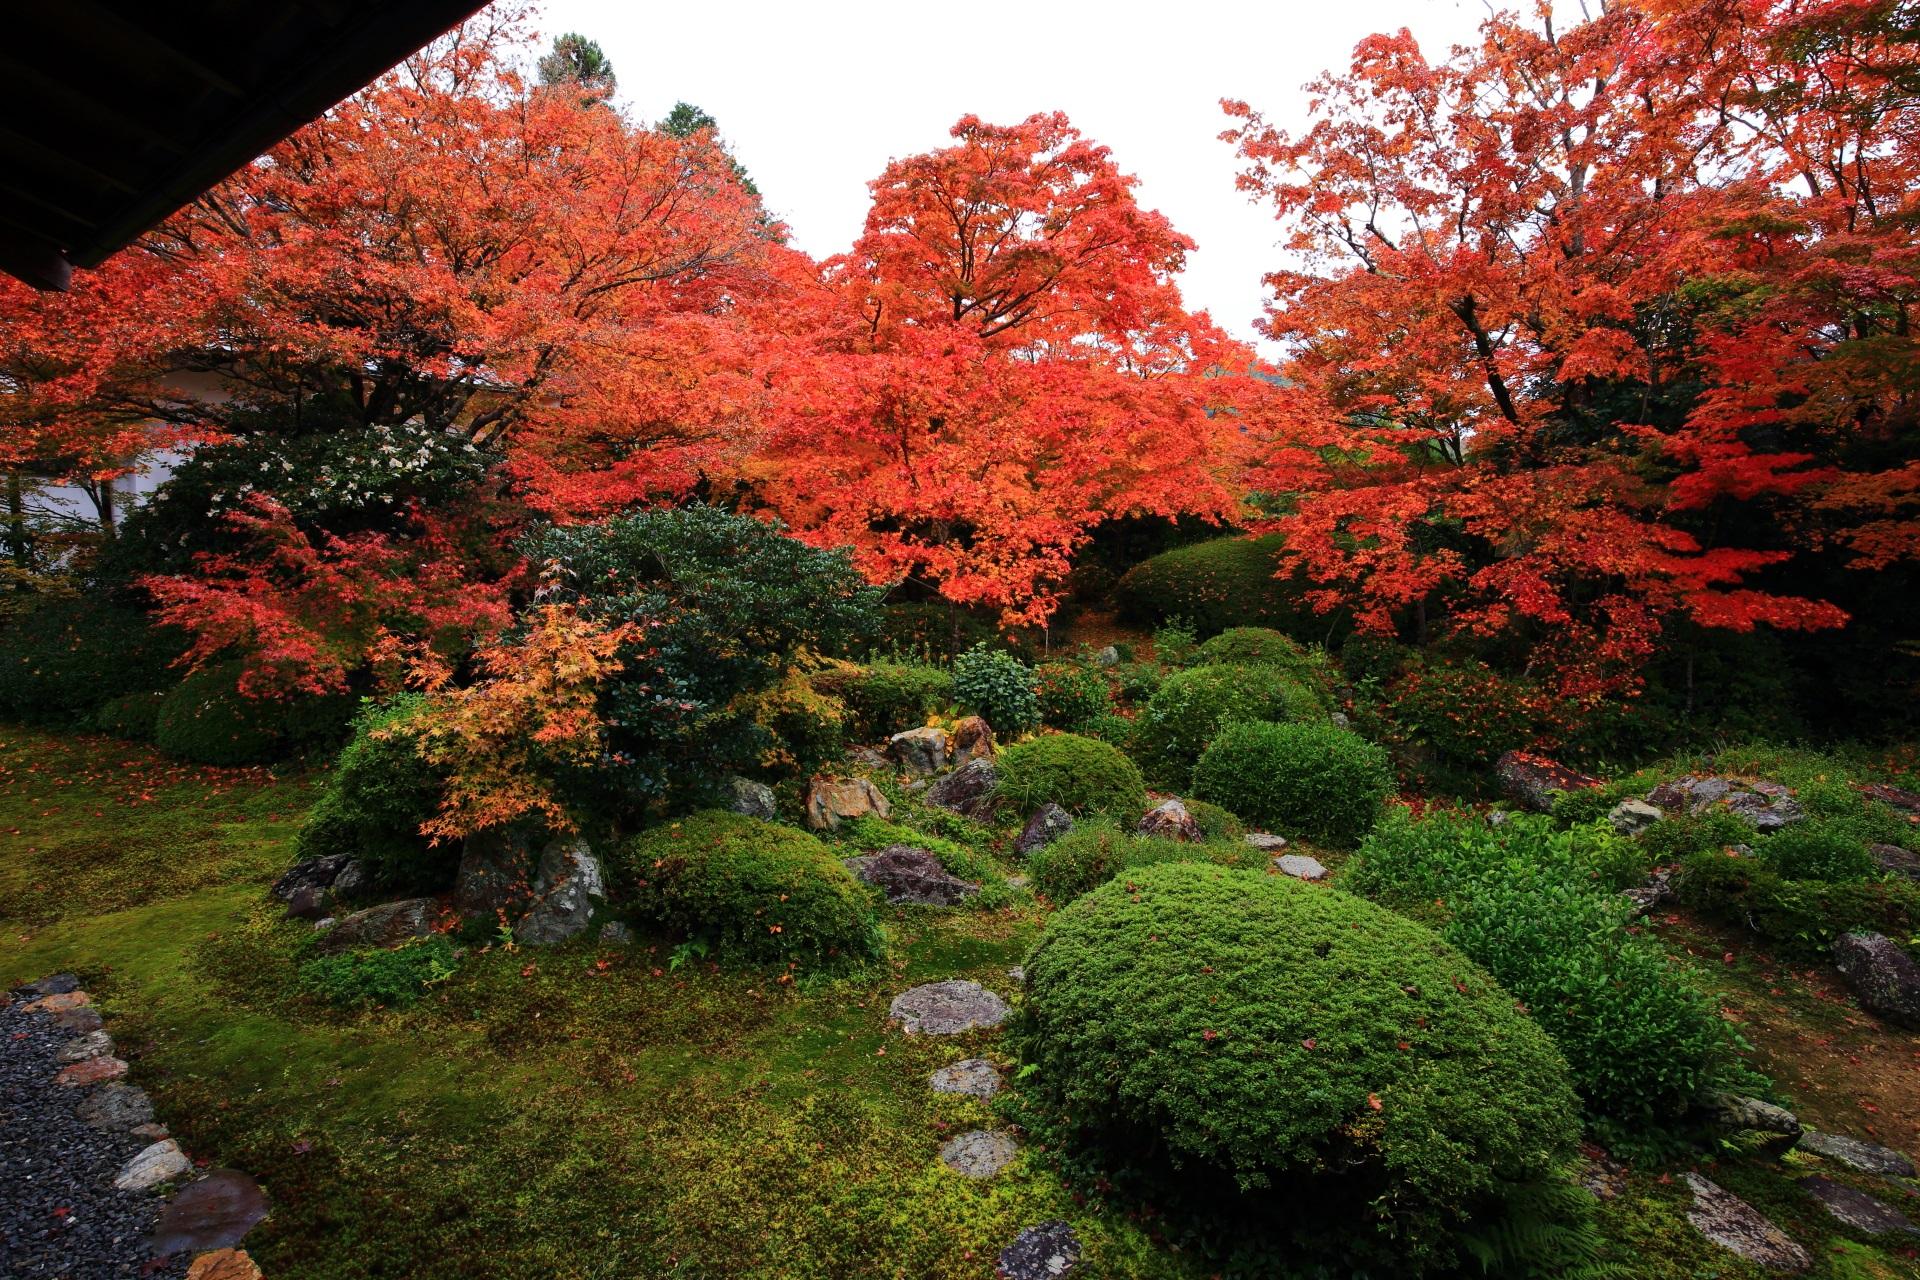 苔やサツキの刈り込みの庭園を華やぐ雄大な紅葉